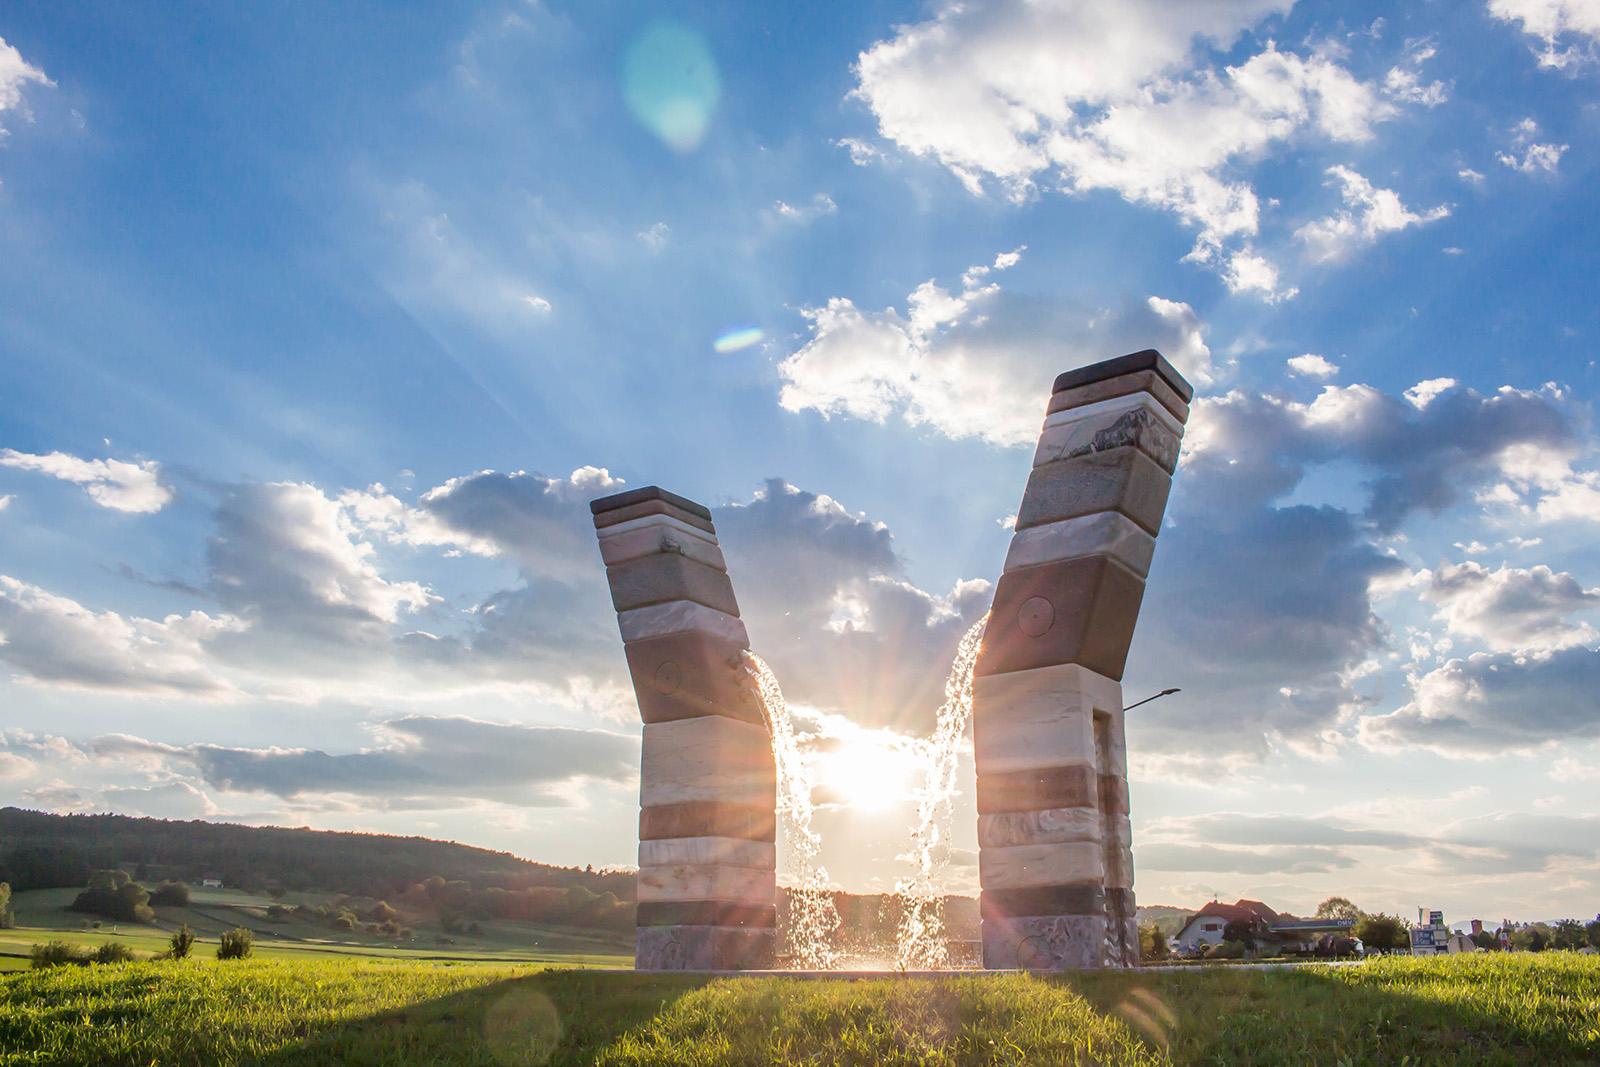 Modernes Kunstwerk in der Tourismusregion Bad Waltersdorf im Rahmen des Projekts Kunst im Kreisverkehr